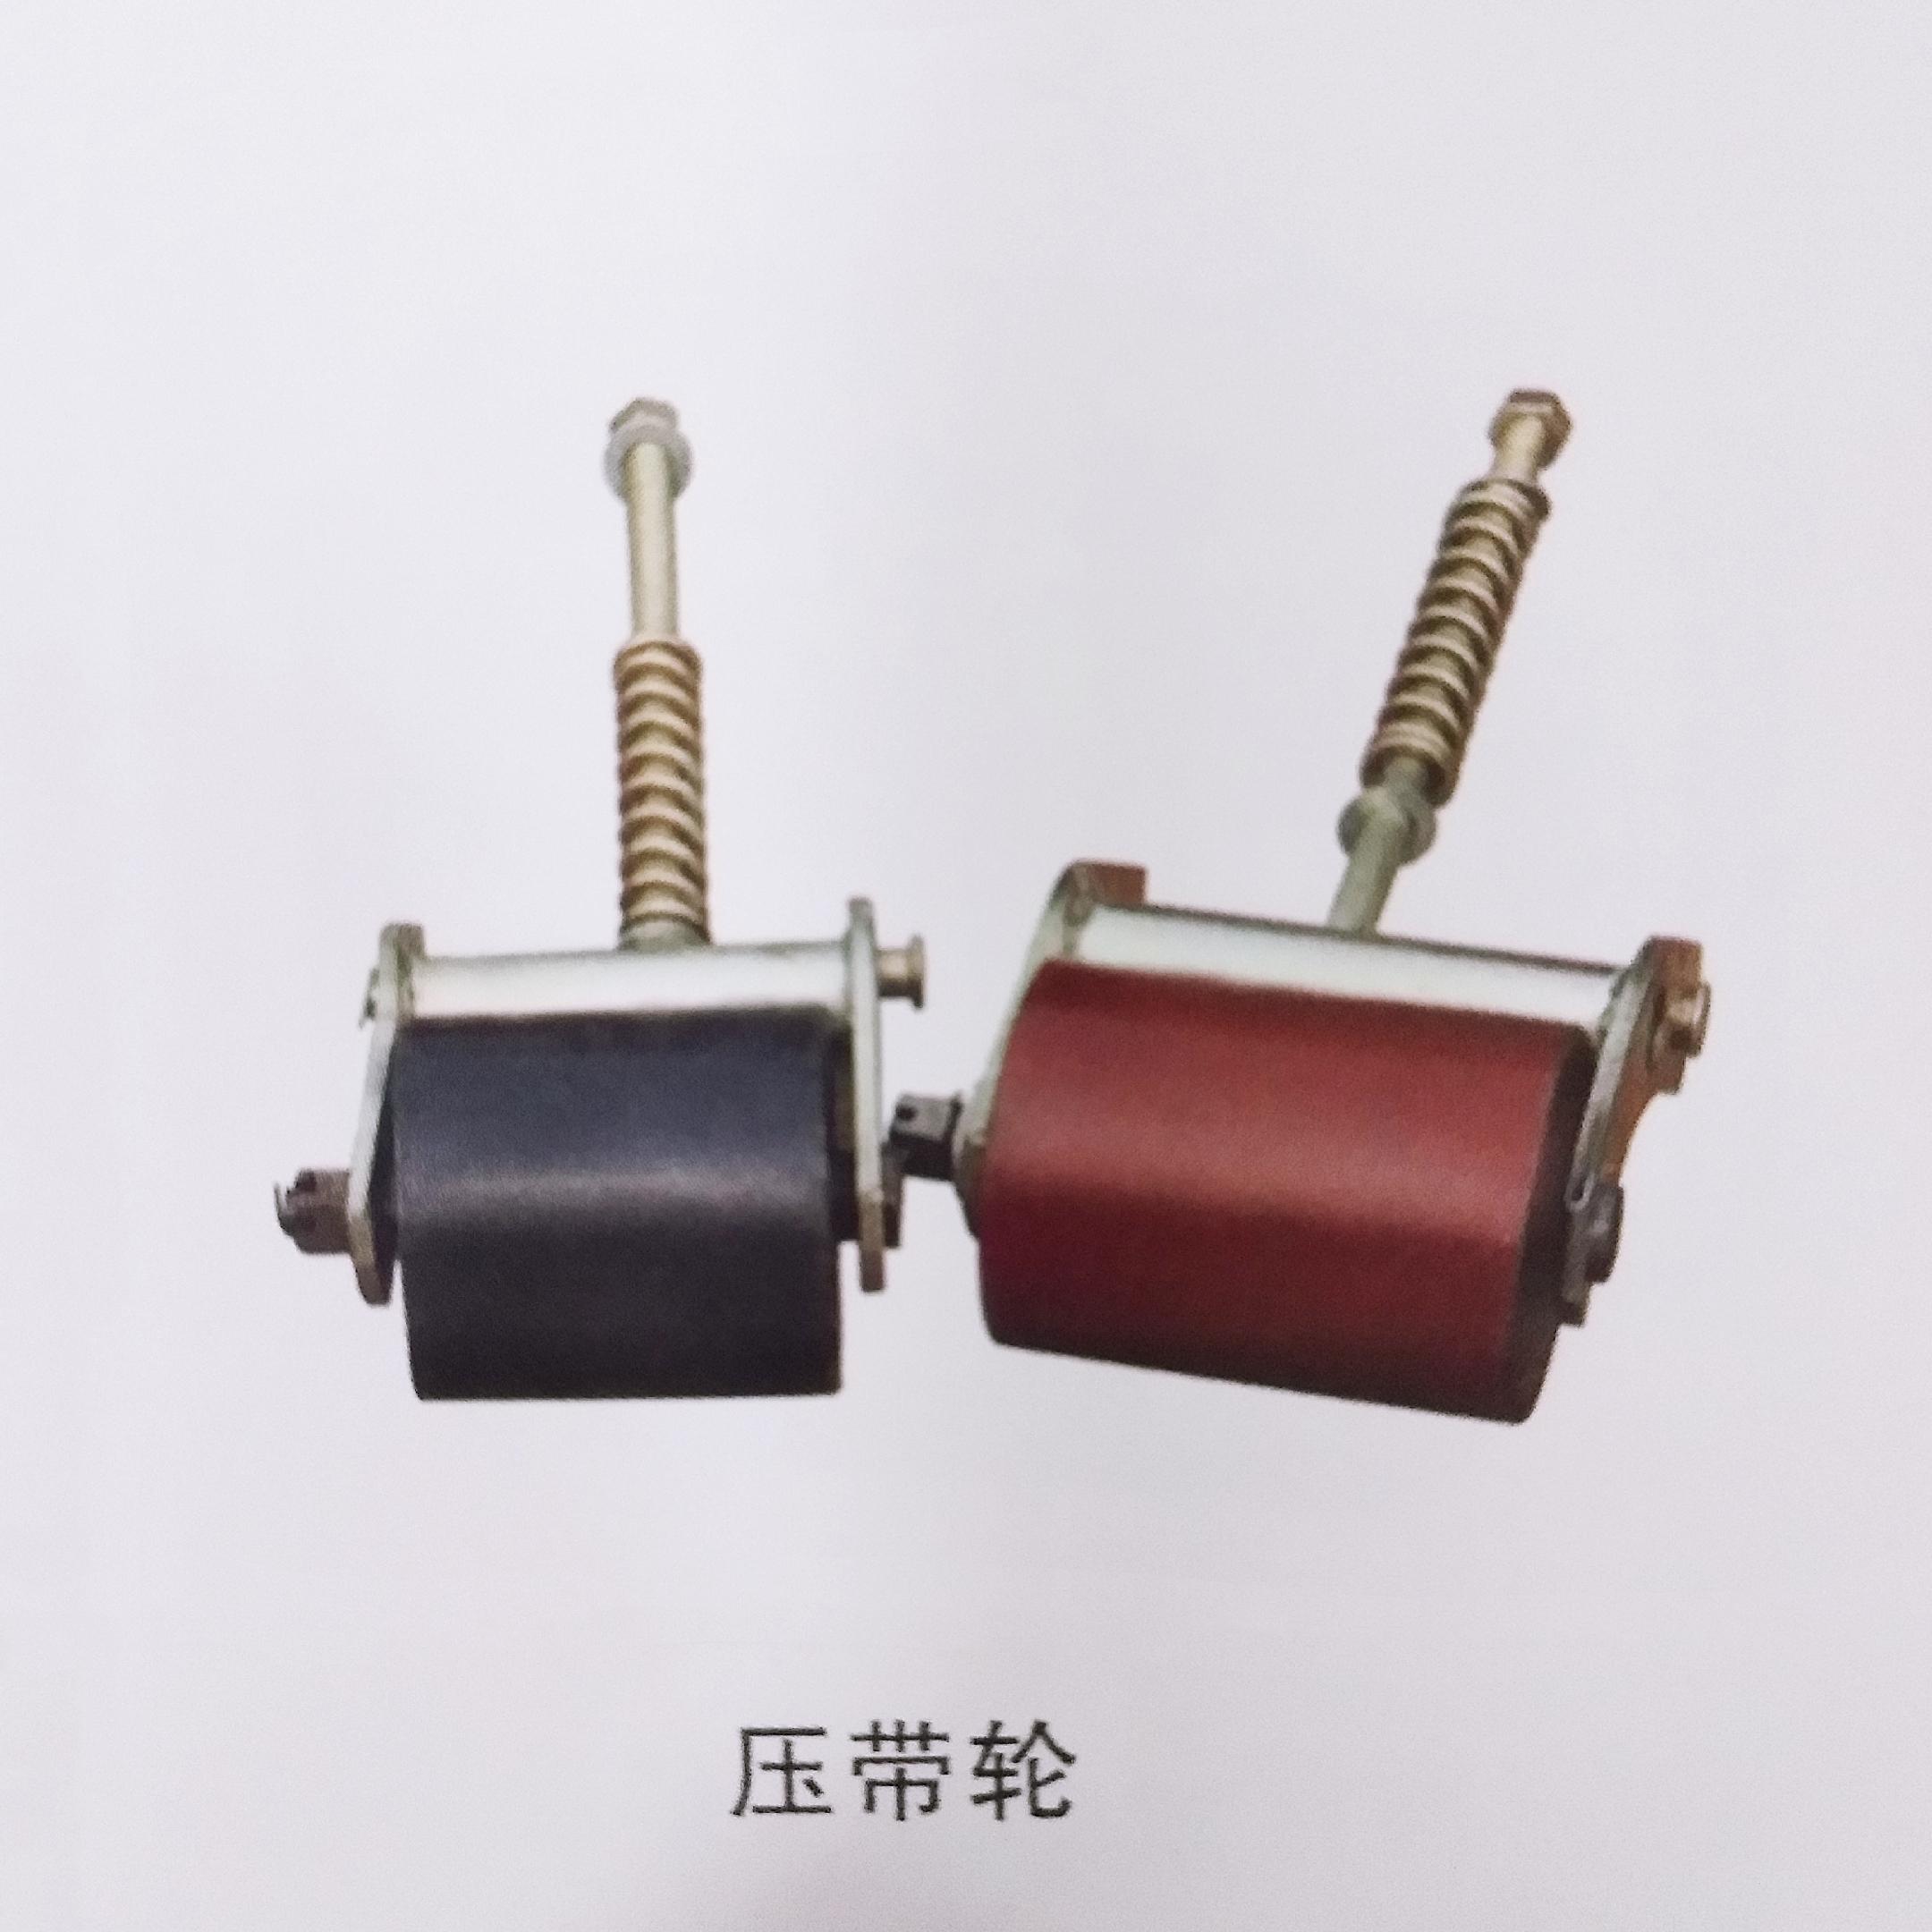 石家庄压带轮加工厂 压带轮价格 压带轮定制